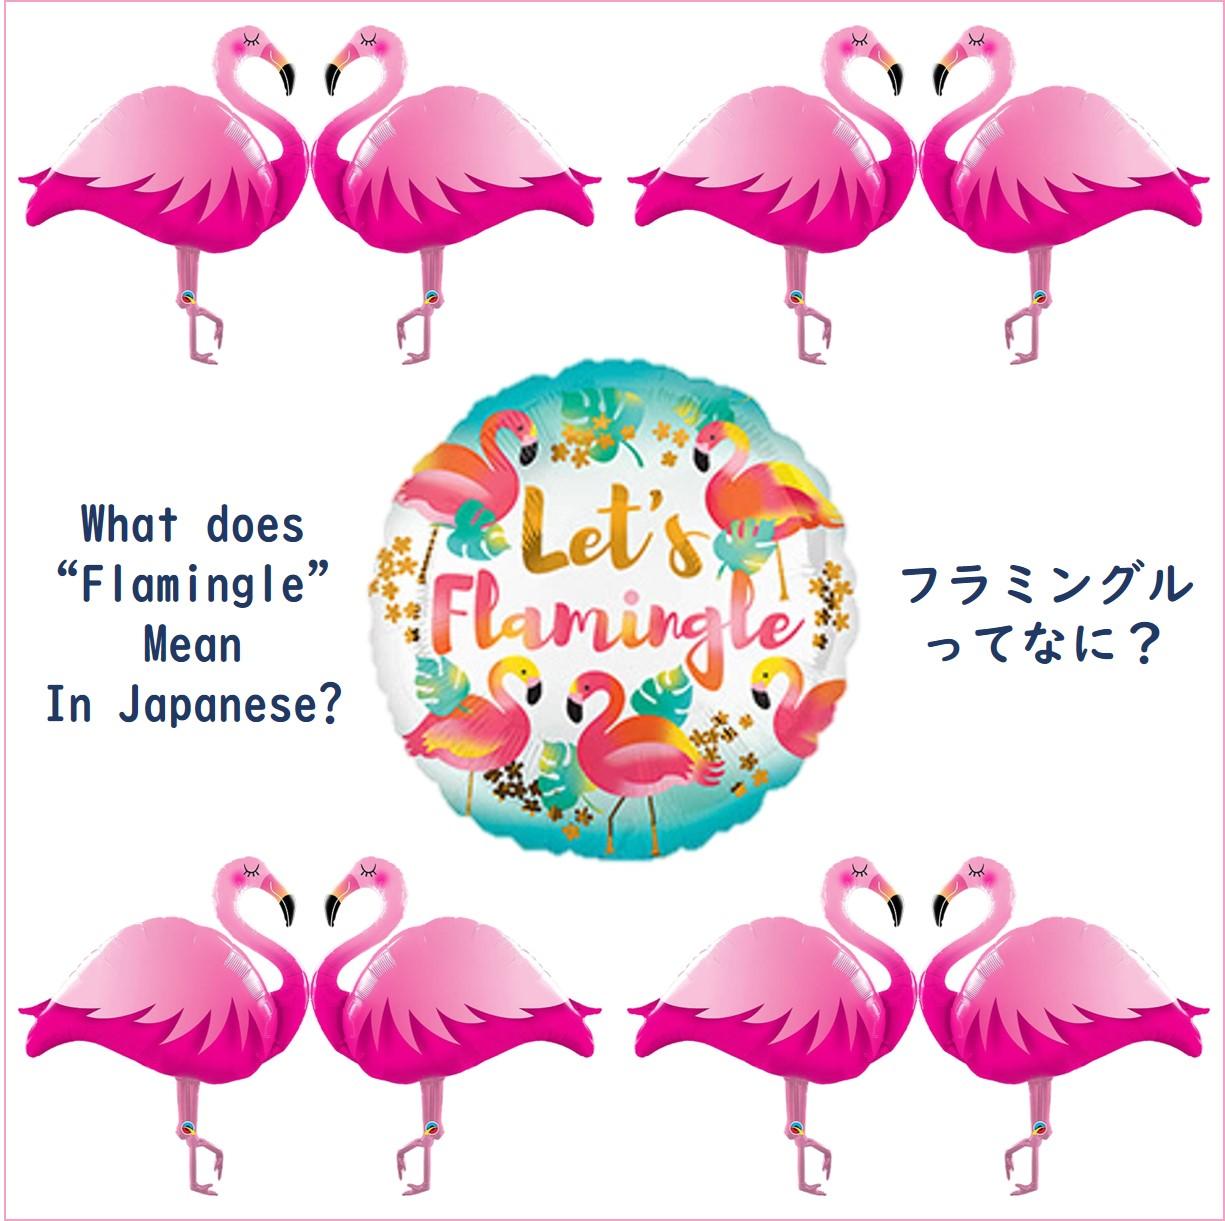 Flamingle ってどんな意味!?